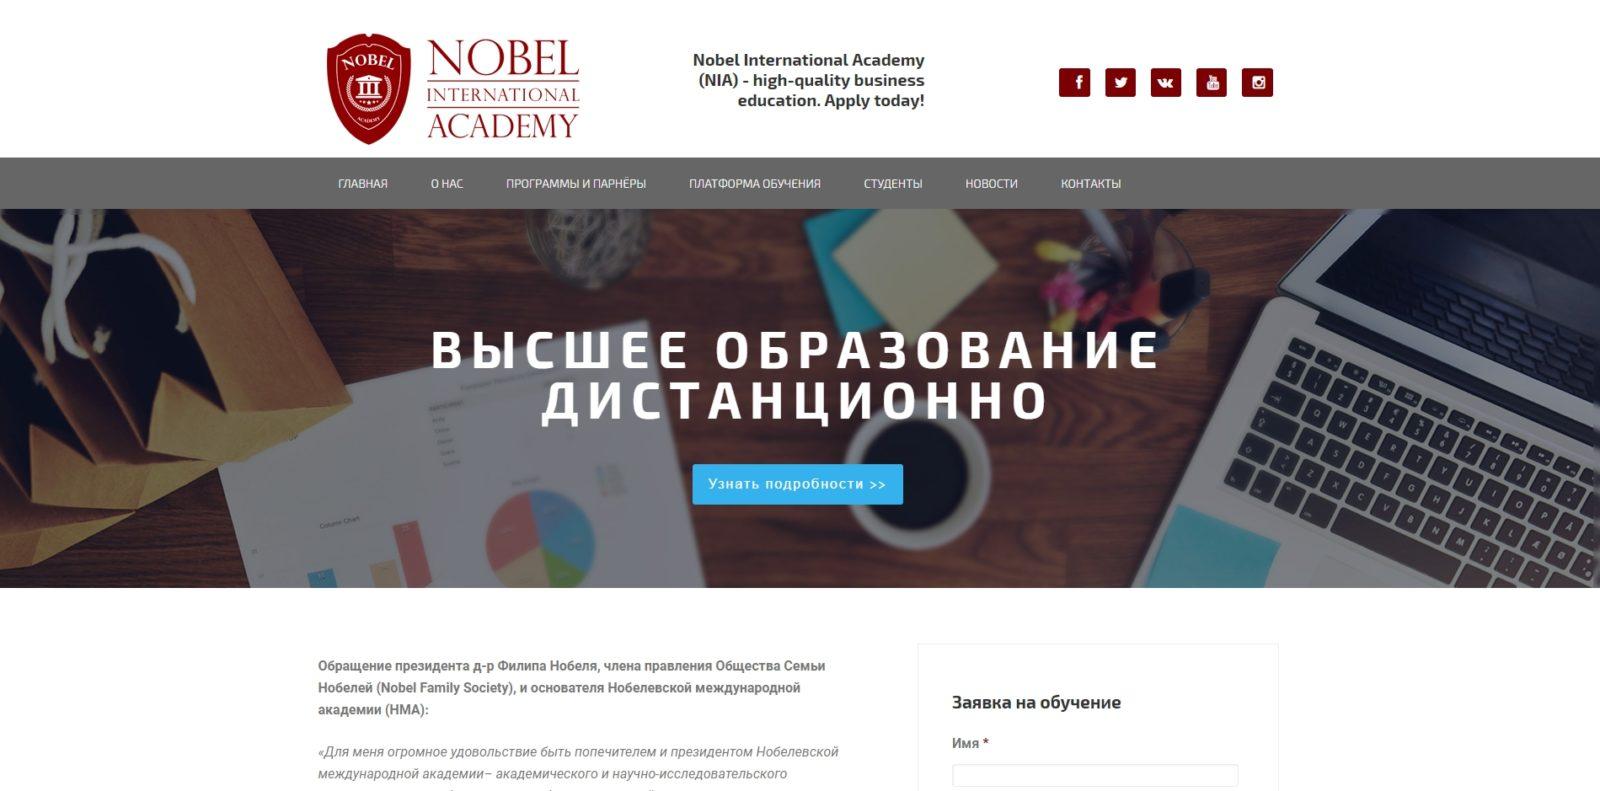 nobelacademy.com